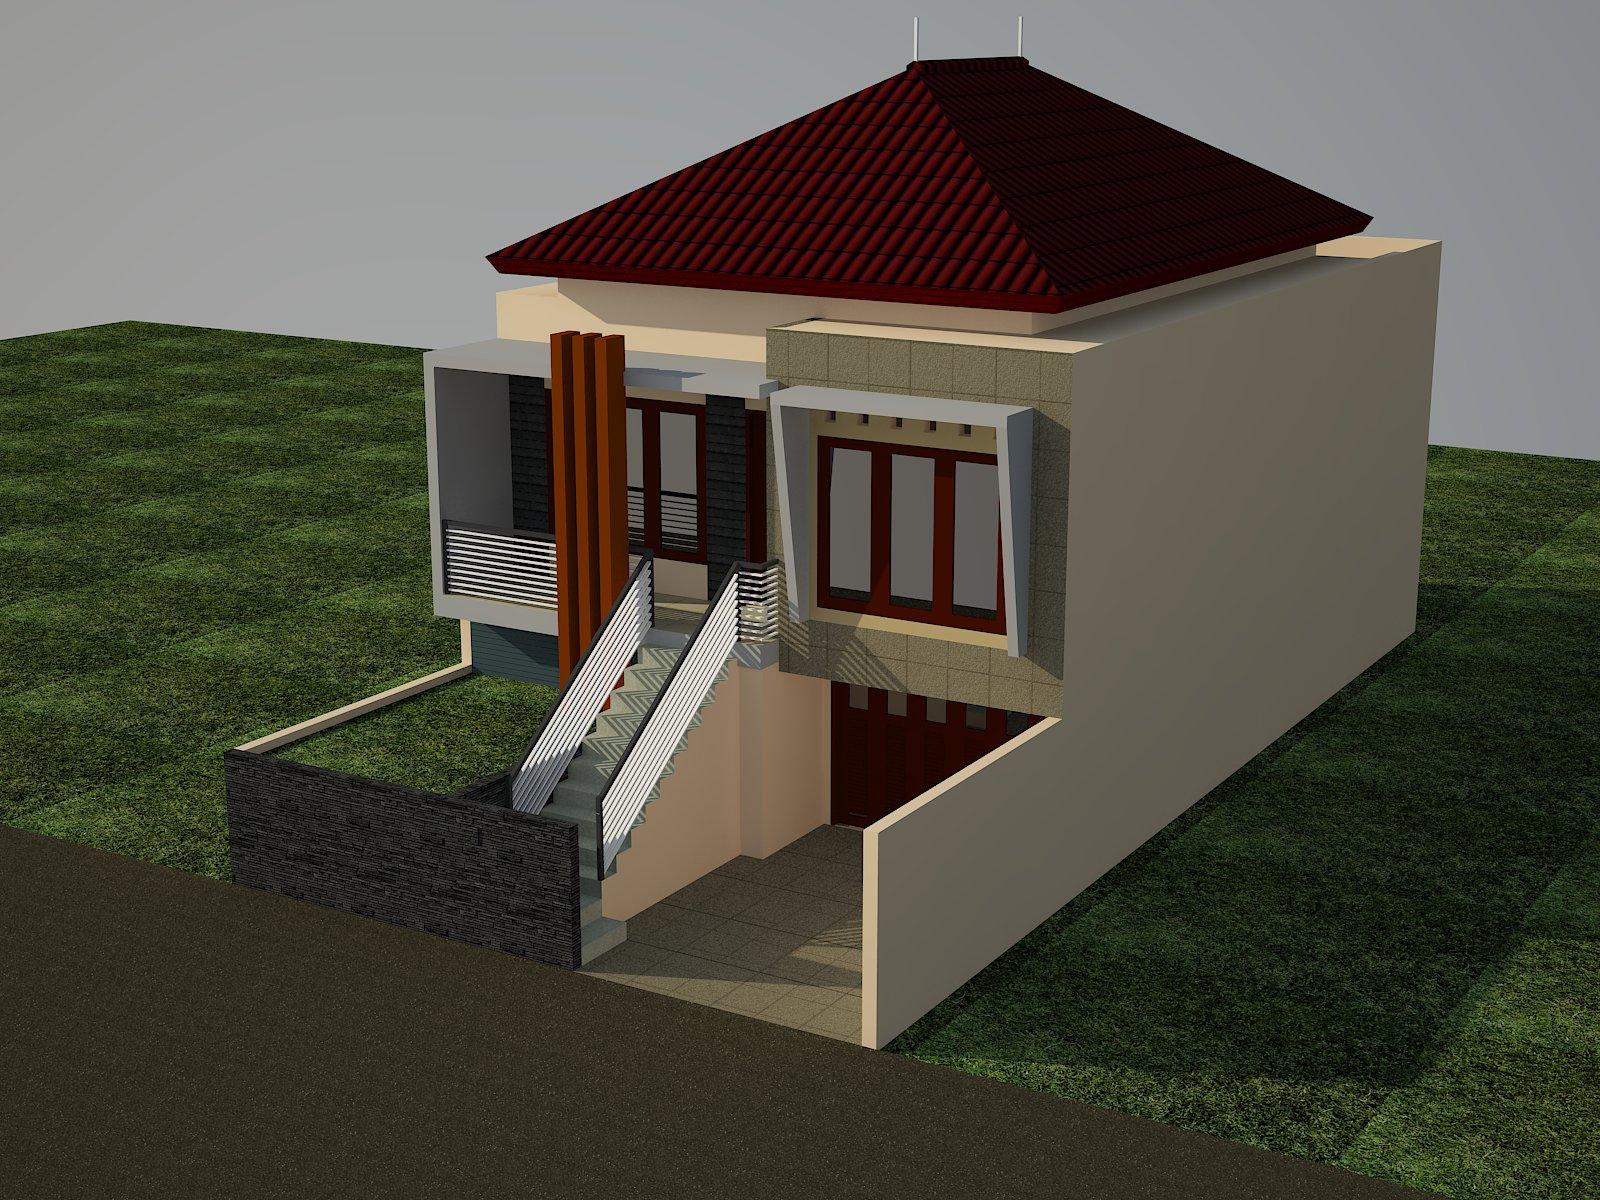 15 desain rumah dengan basement